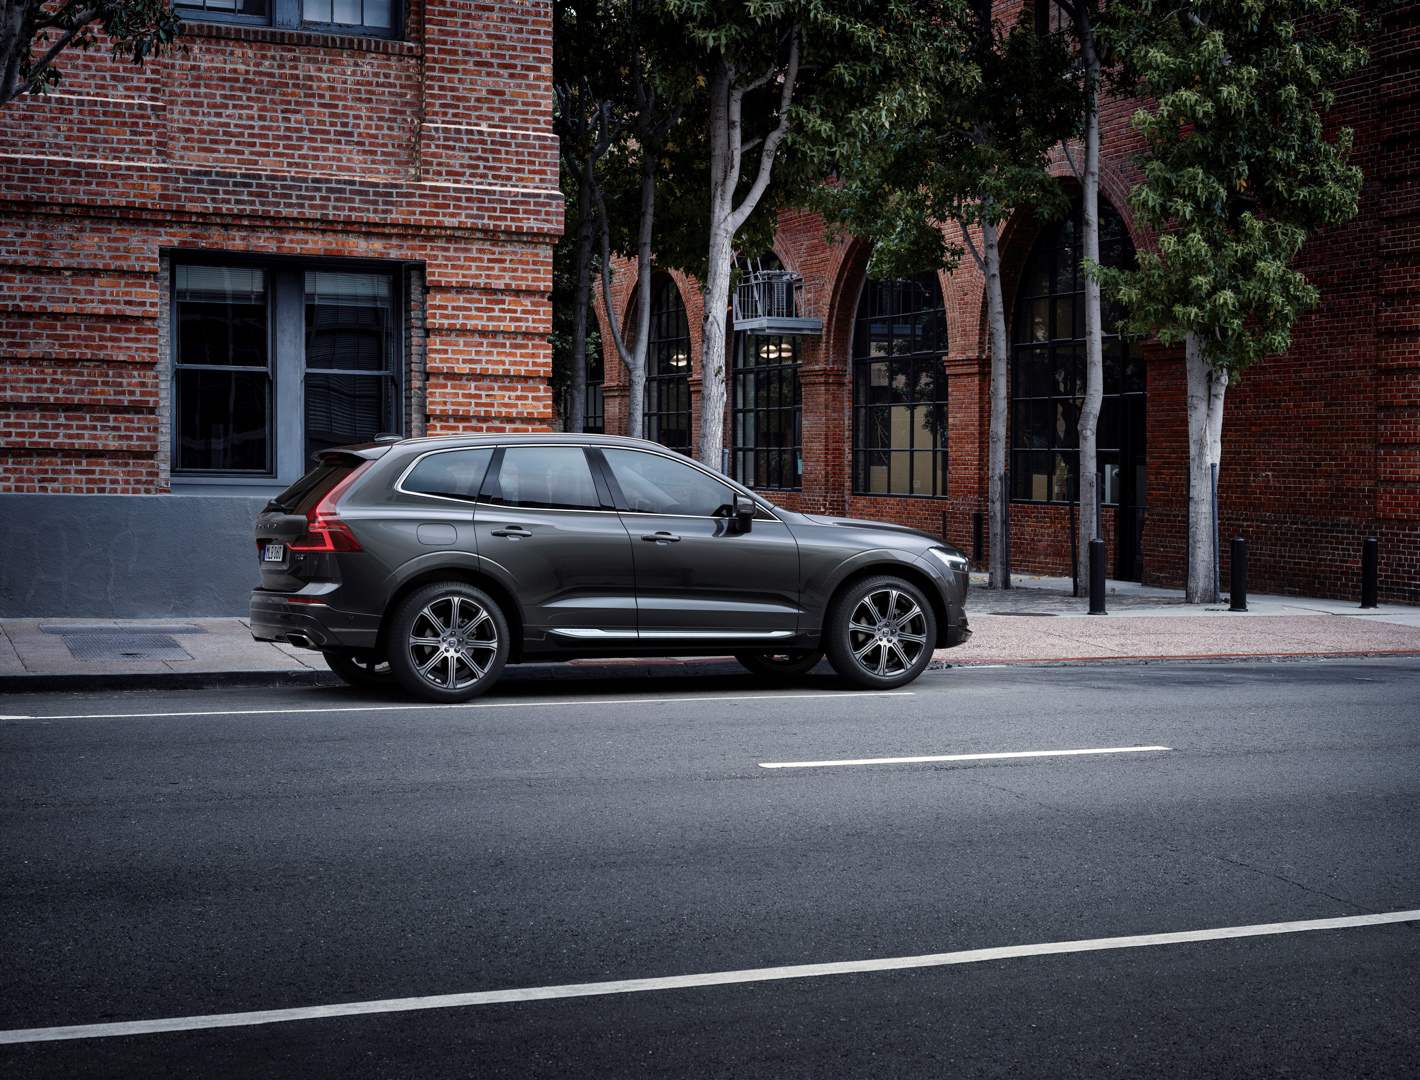 205062_The_new_Volvo_XC60